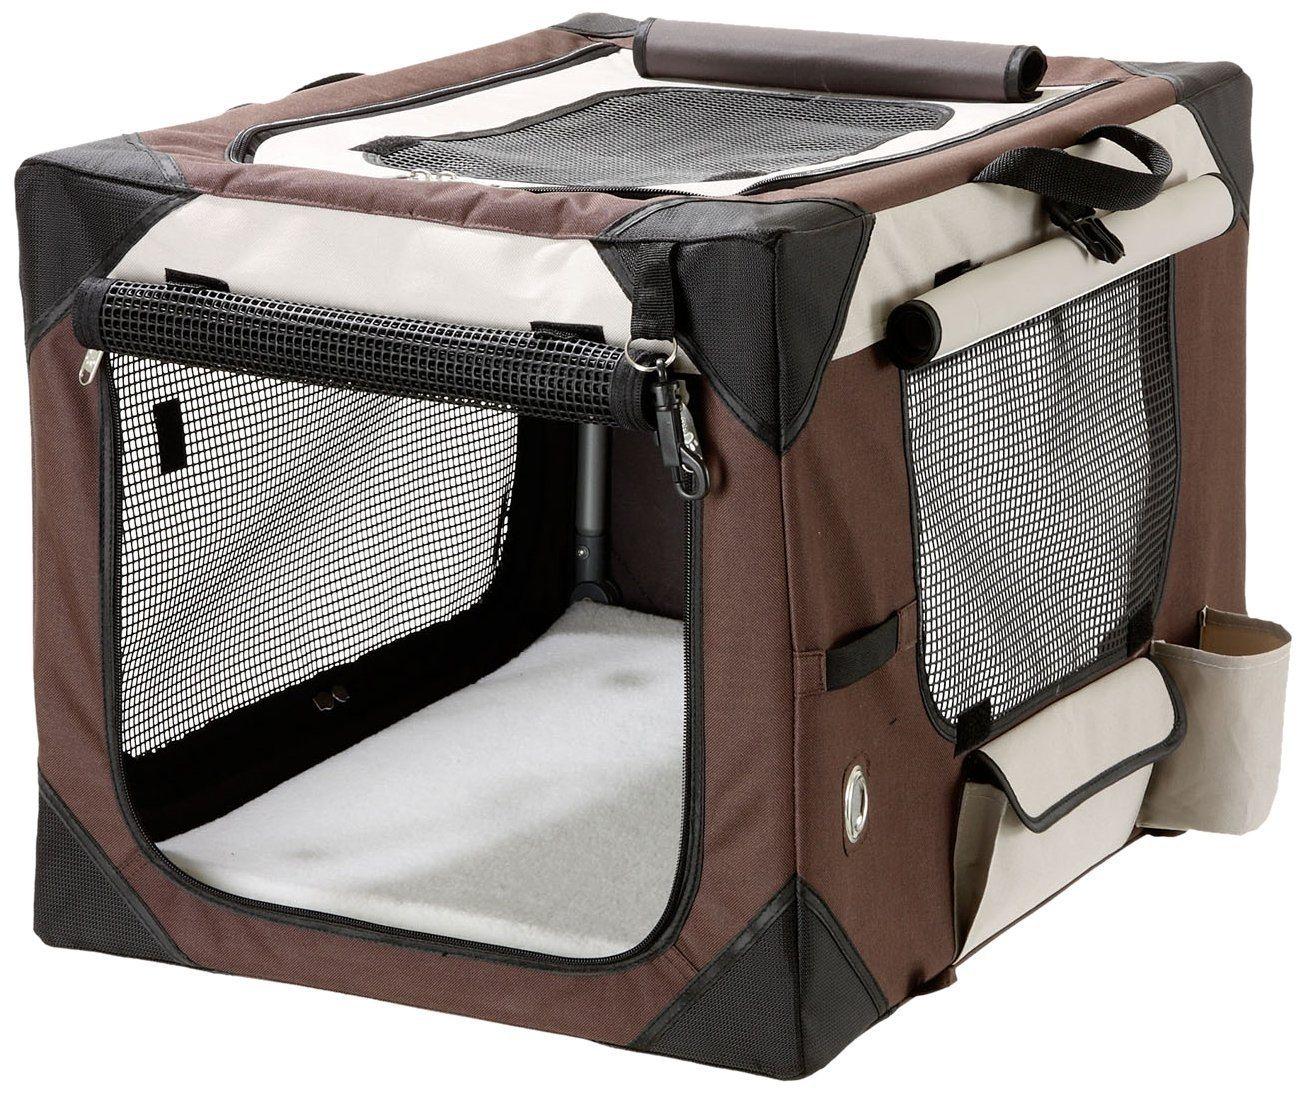 karlie tiertransportbox smart top deluxe hundebox. Black Bedroom Furniture Sets. Home Design Ideas